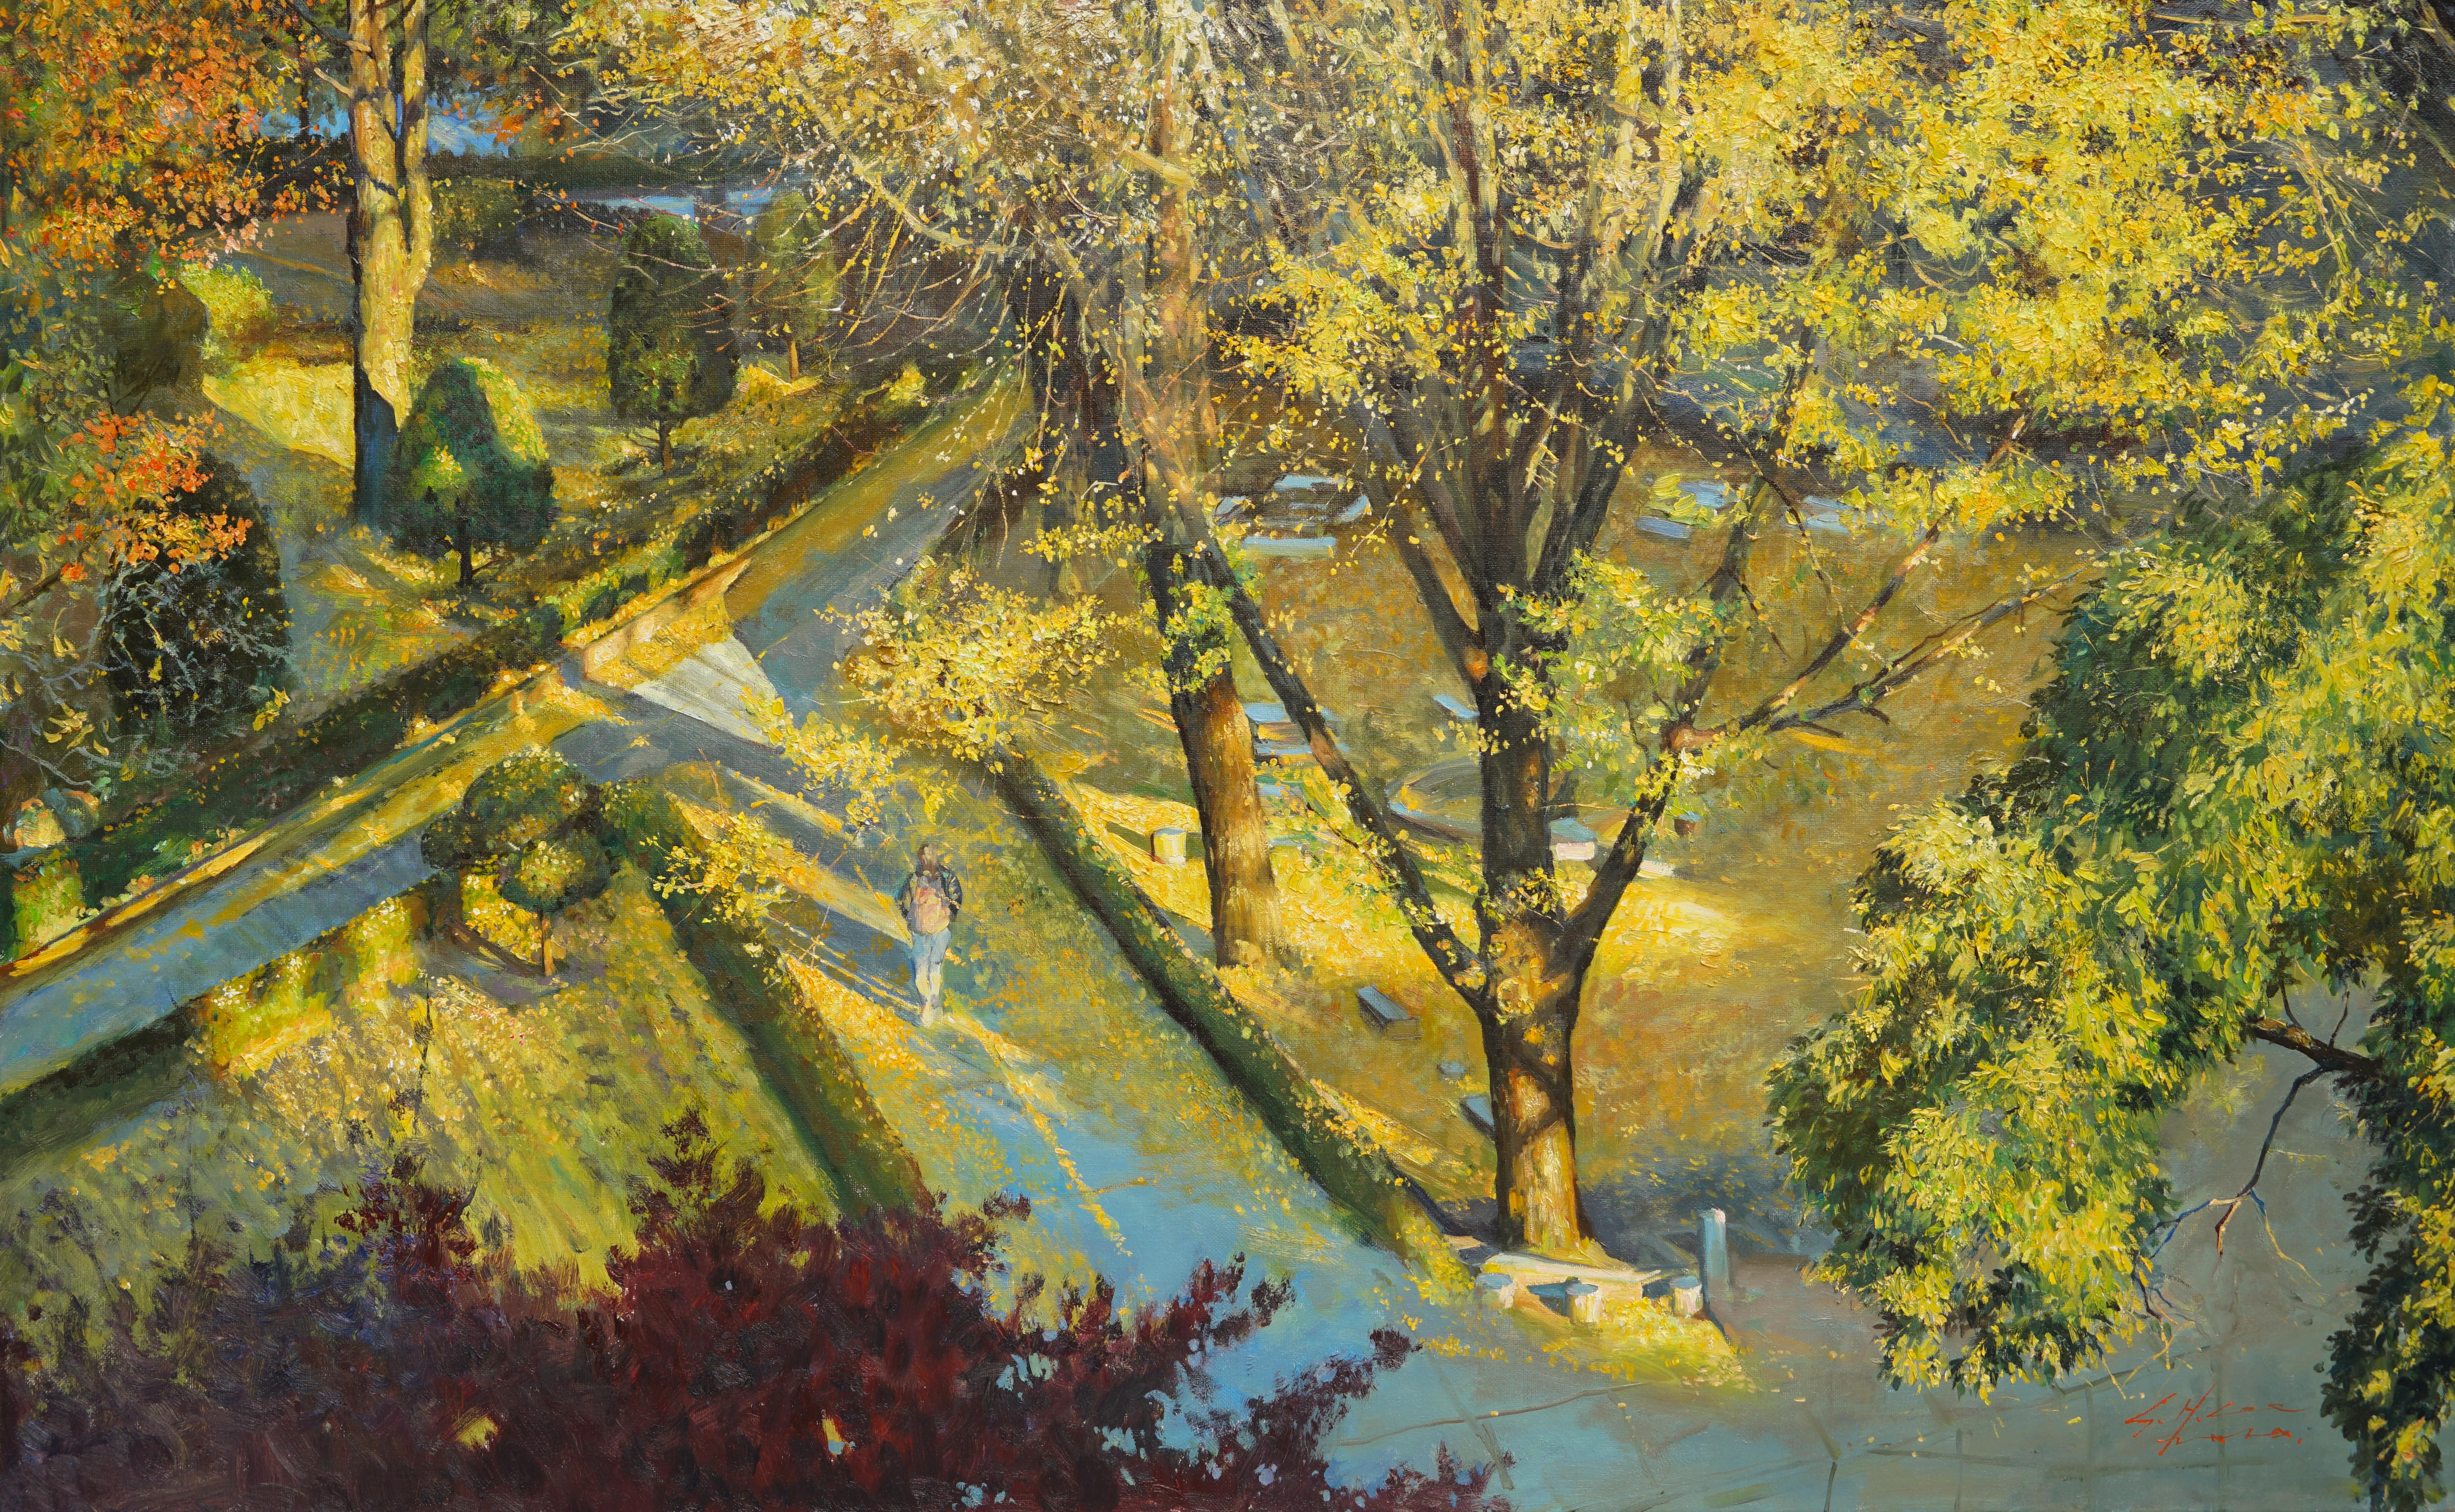 대명동의 가을 116.8x72.7 Oil on canvas 2020